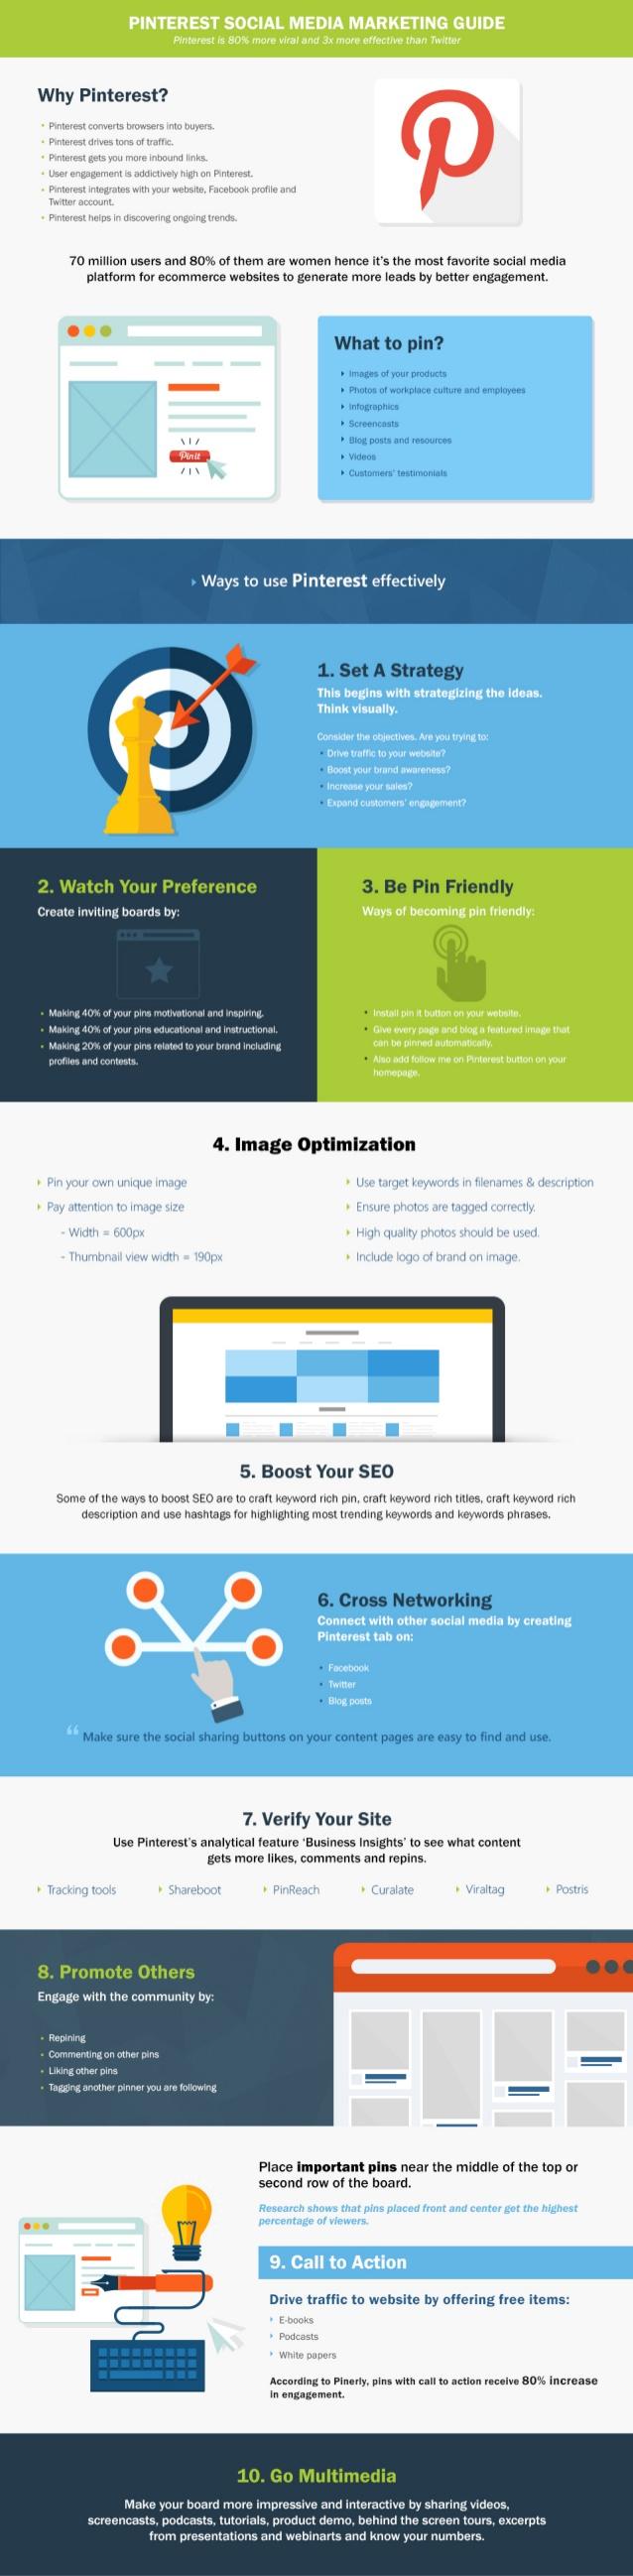 Guía de Social Media Marketing para Pinterest